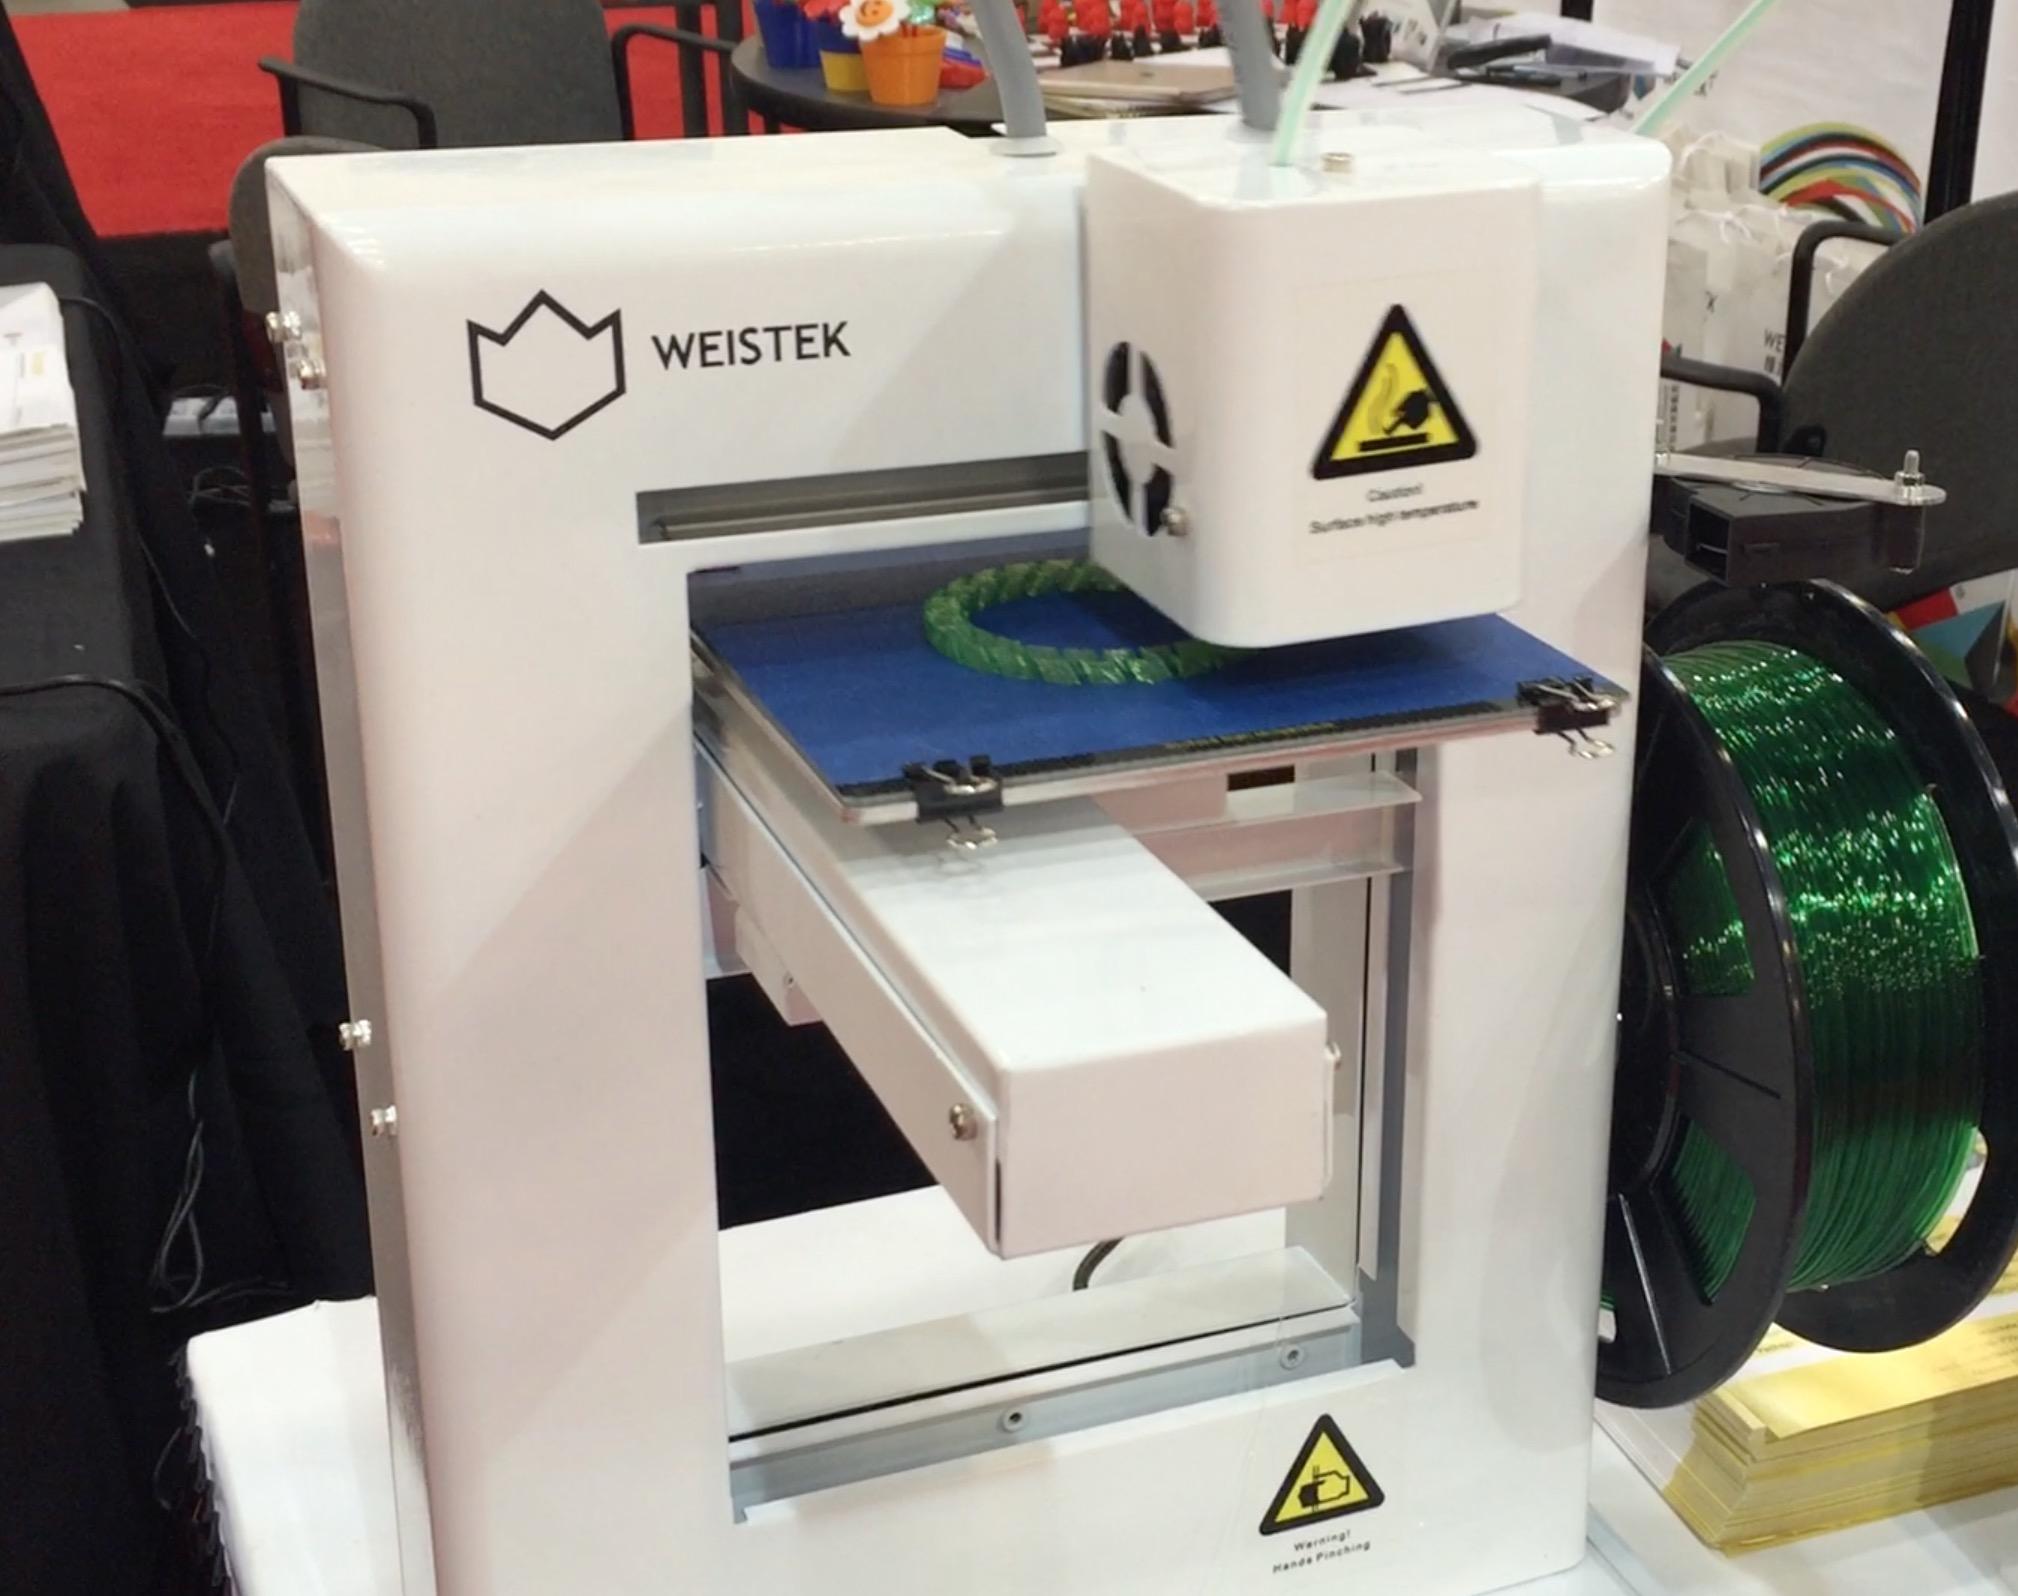 WEISTEK Launches World's Fastest Desktop 3D Printer